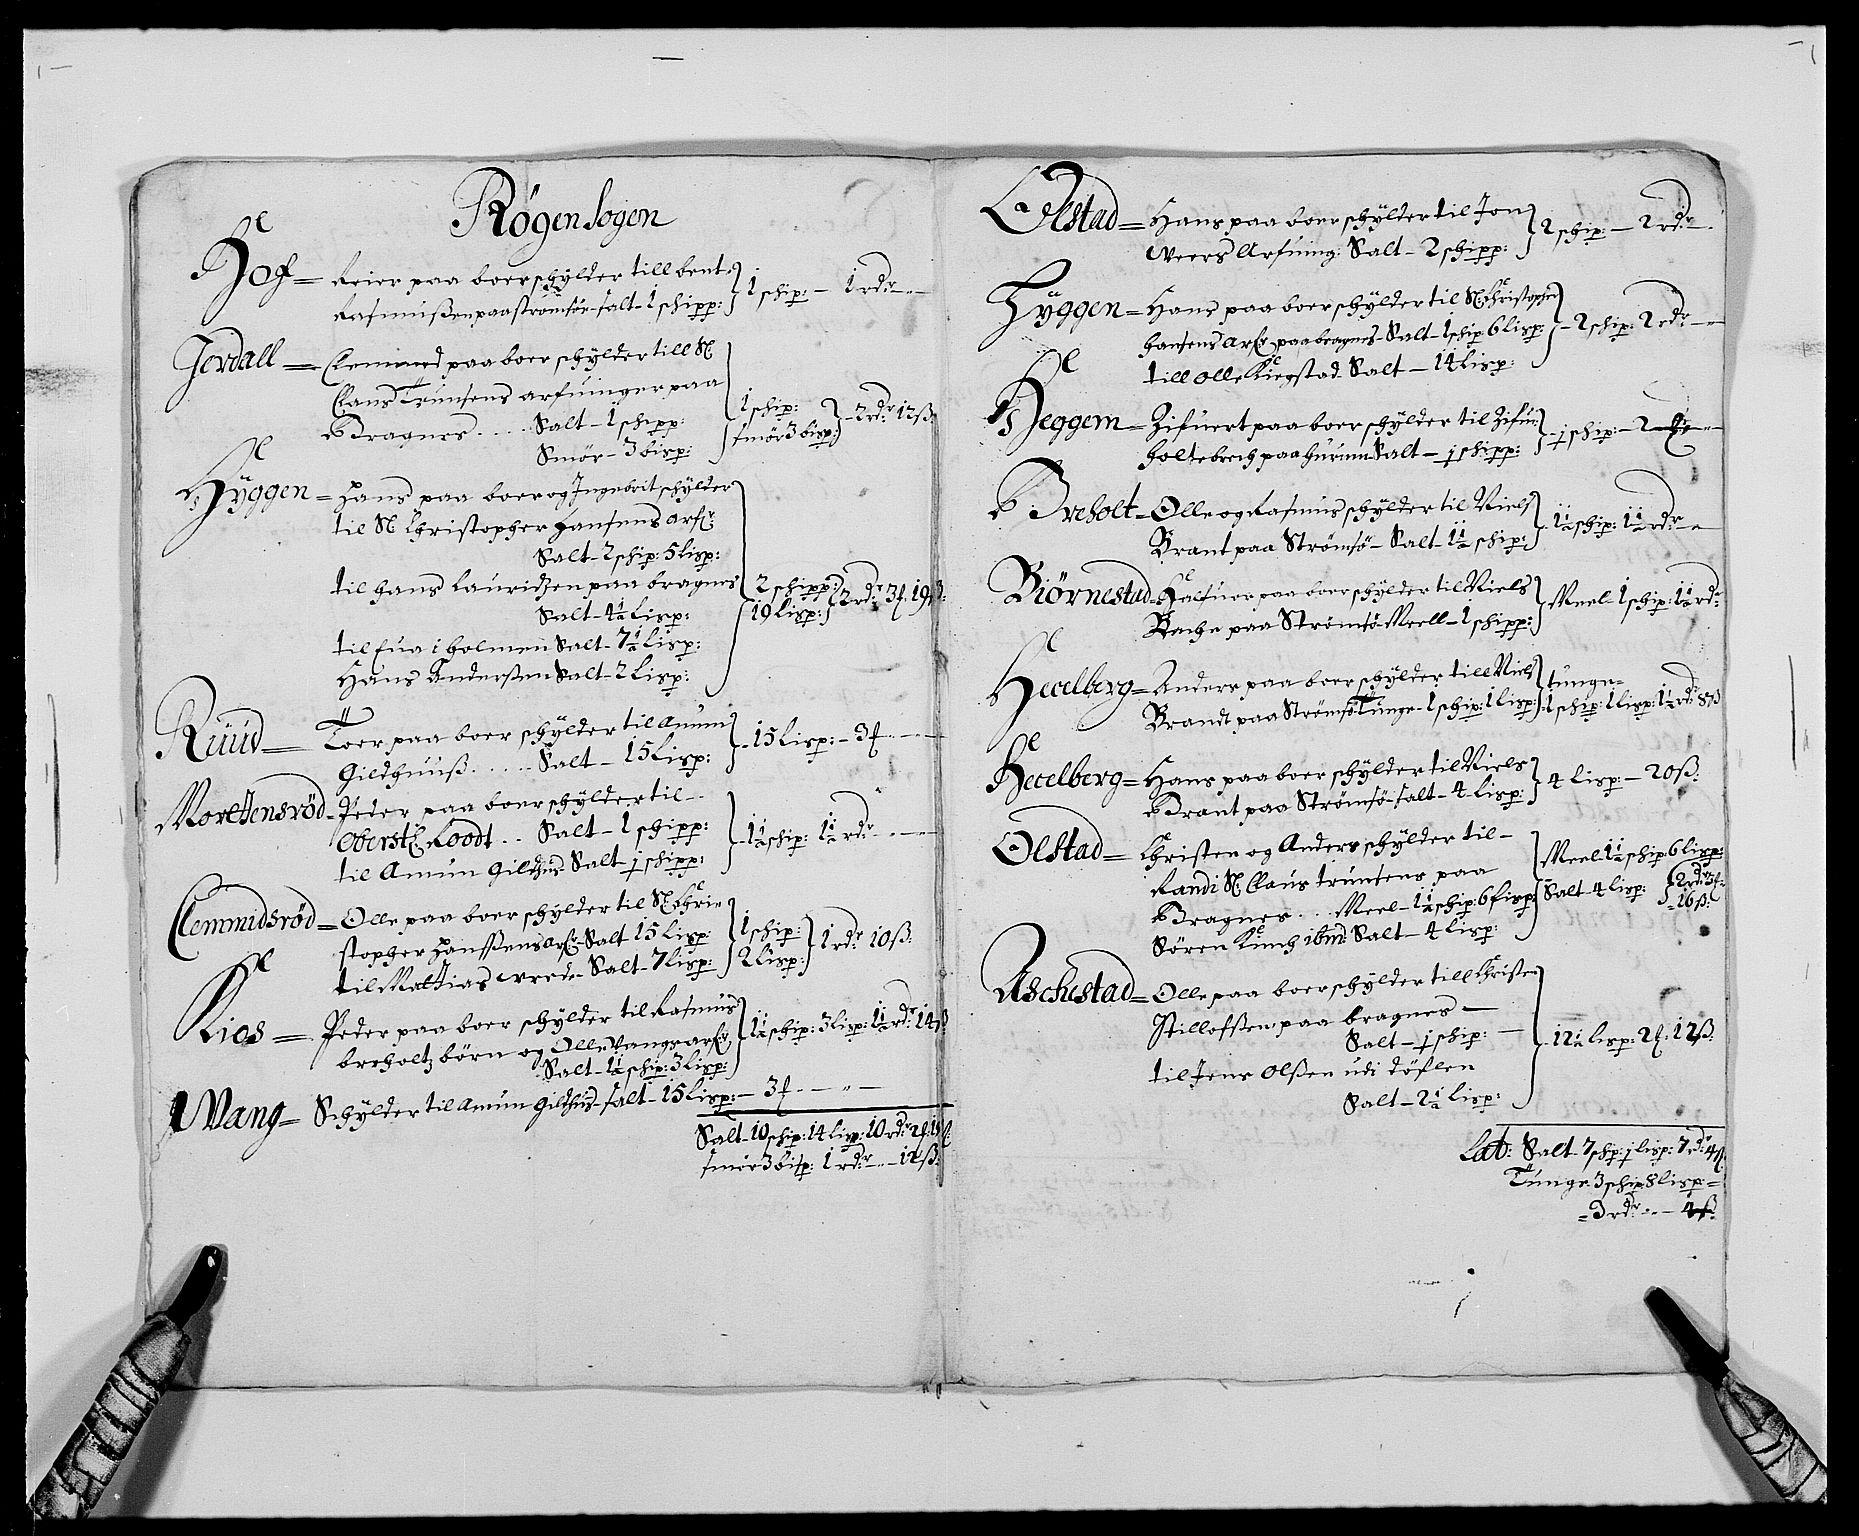 RA, Rentekammeret inntil 1814, Reviderte regnskaper, Fogderegnskap, R29/L1692: Fogderegnskap Hurum og Røyken, 1682-1687, s. 247